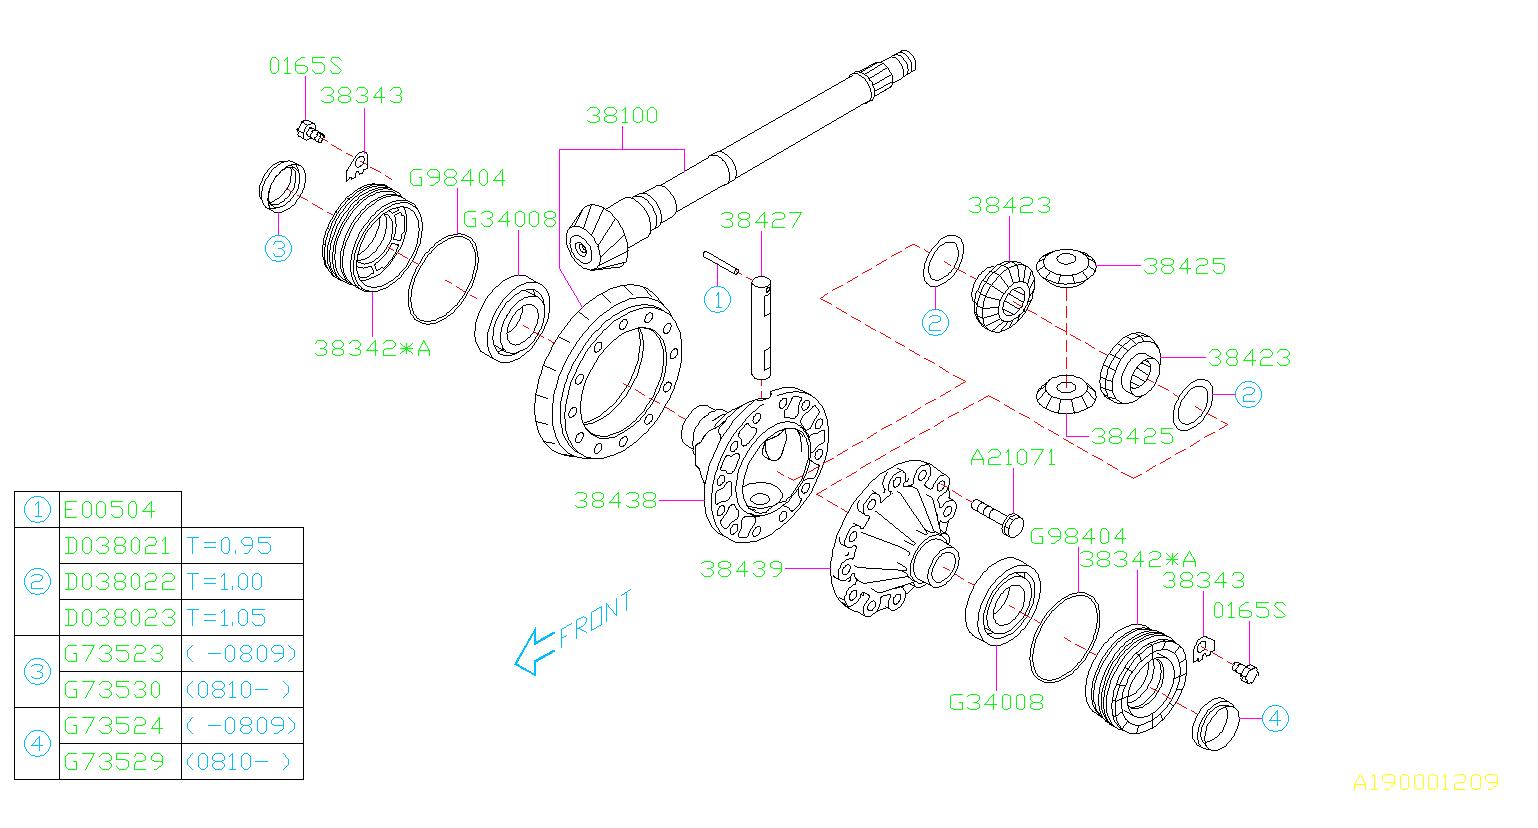 2011 Subaru Impreza Case Differential   Right  -2x  Transmission  Driveline